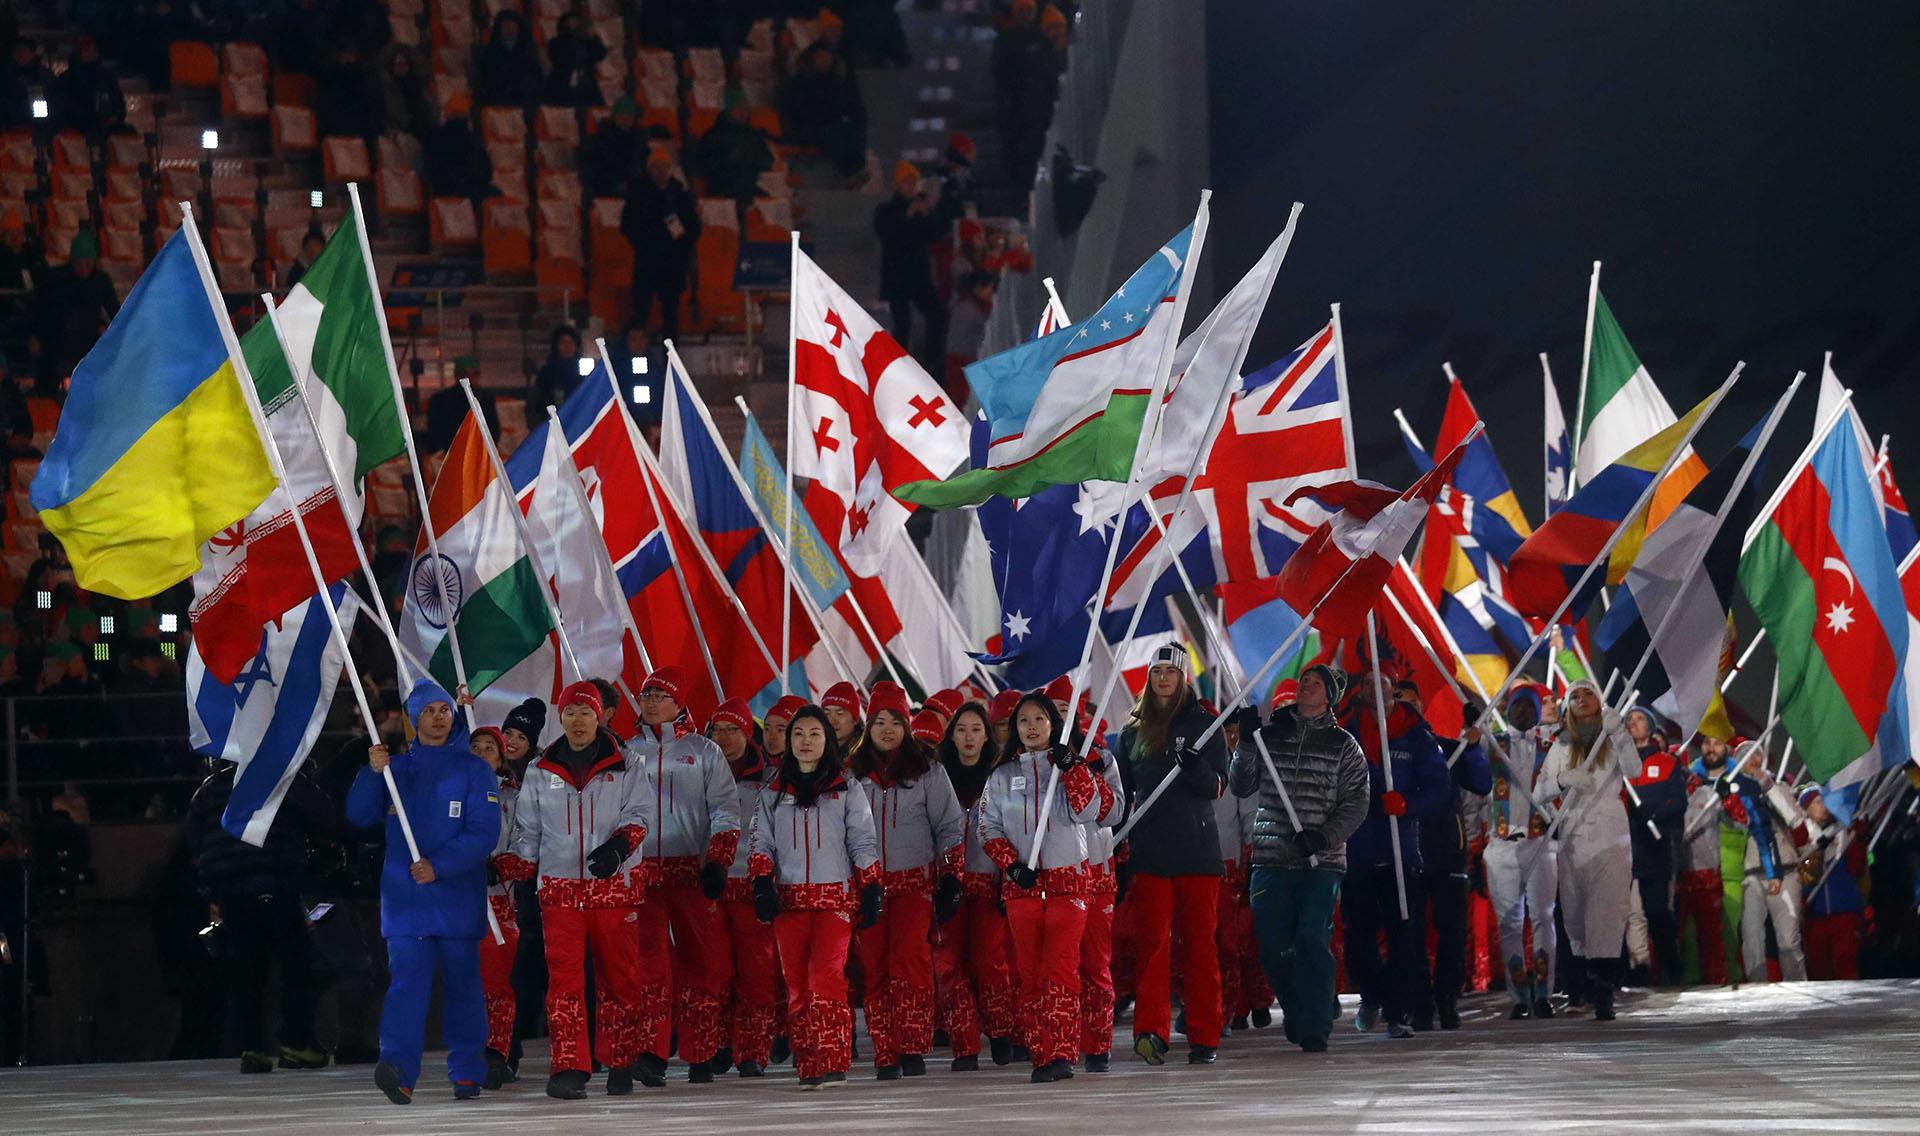 La ceremonia culminó con el desfile de las naciones participantes